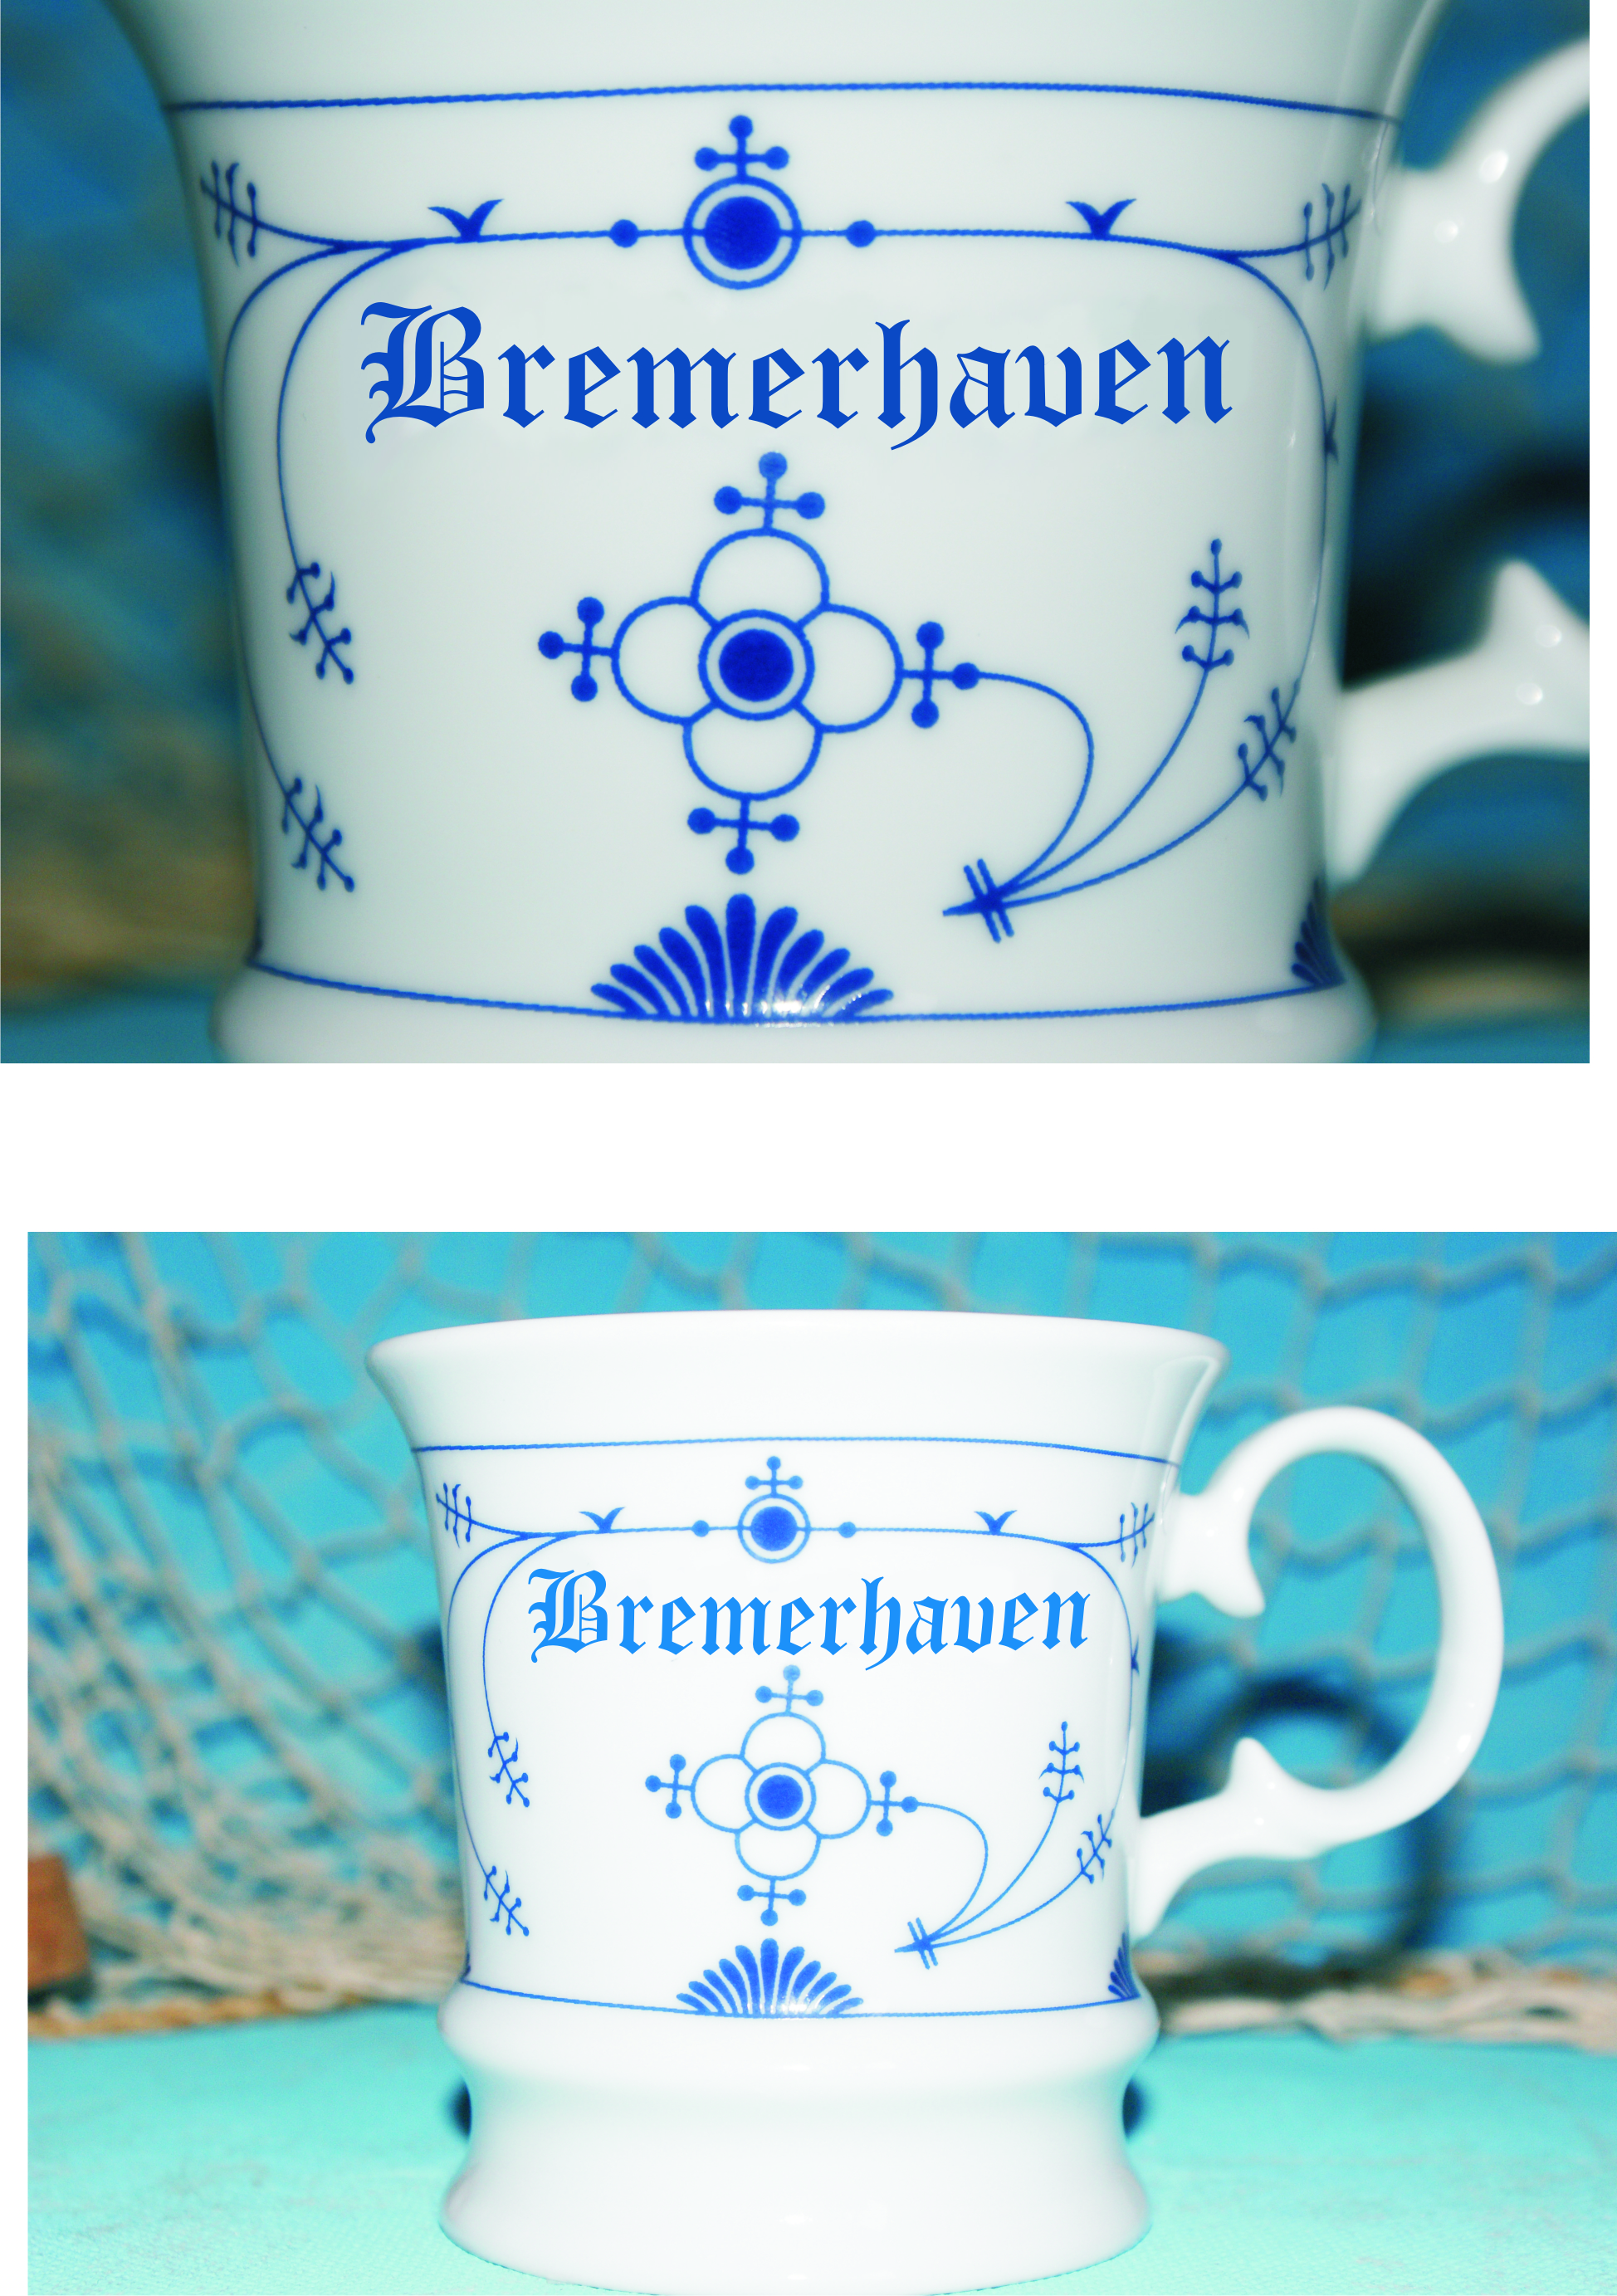 Bremerhaven Becherfotomontage